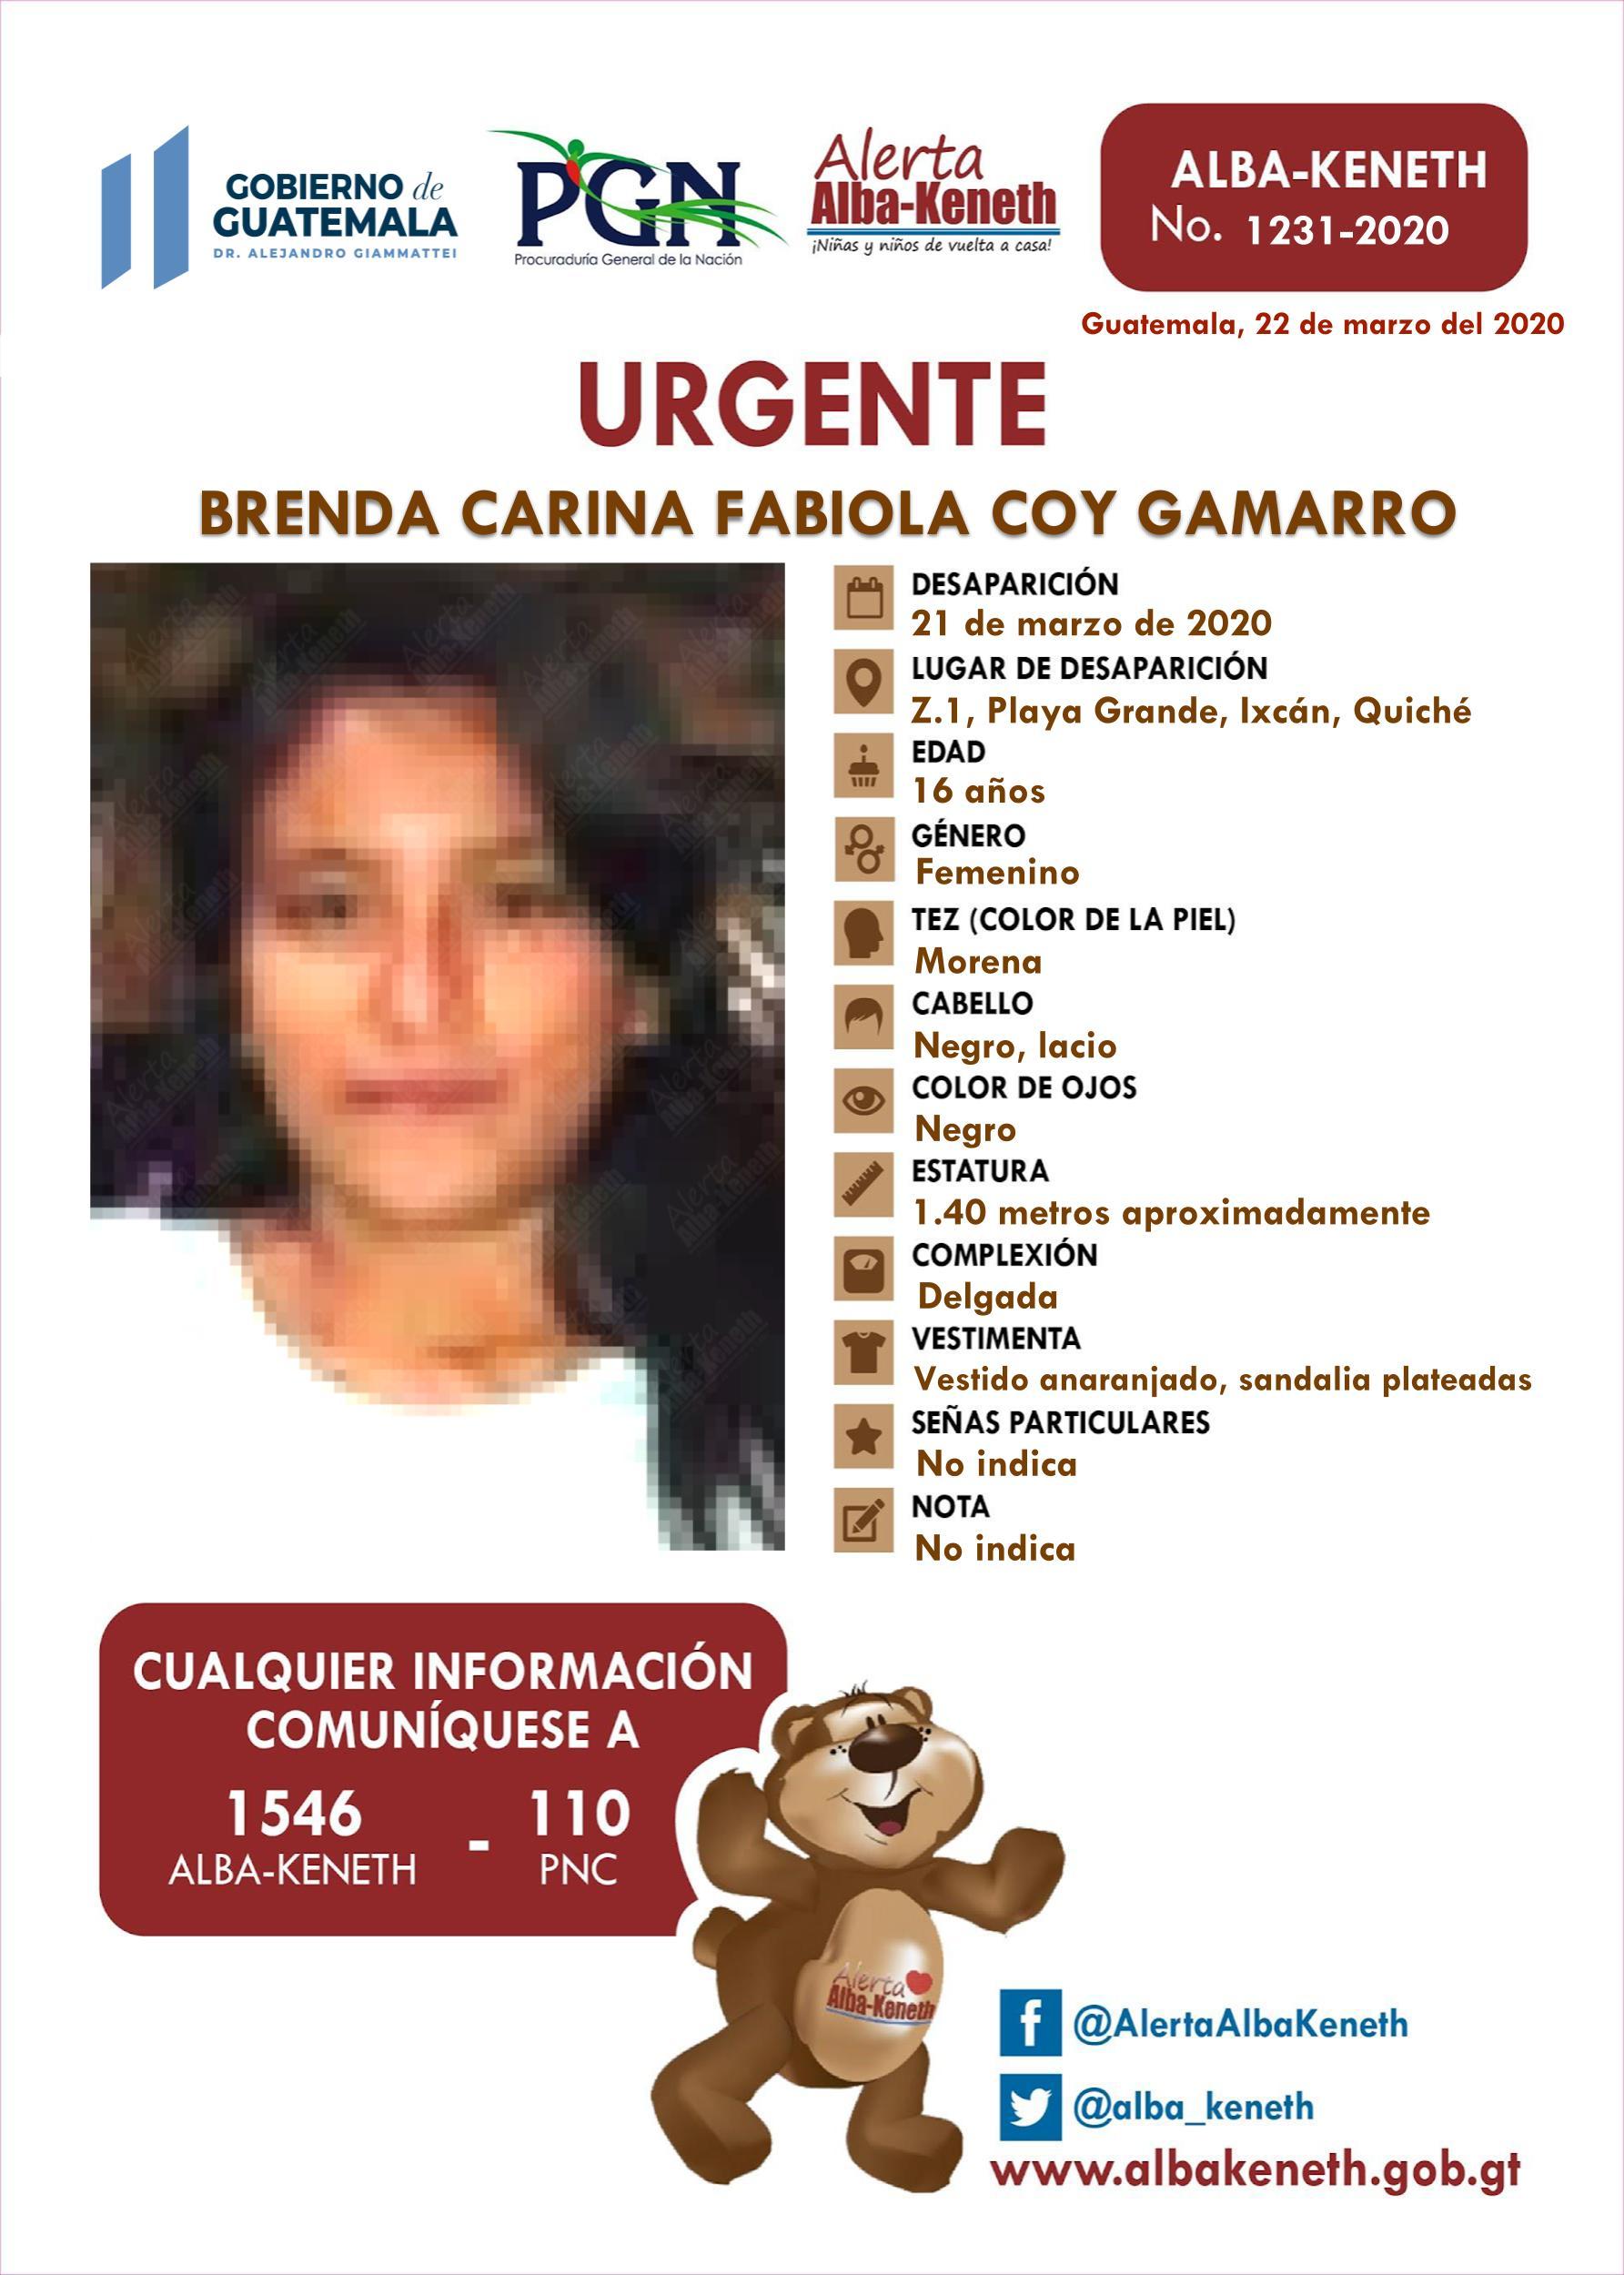 Brenda Carina Fabiola Coy Gamarro